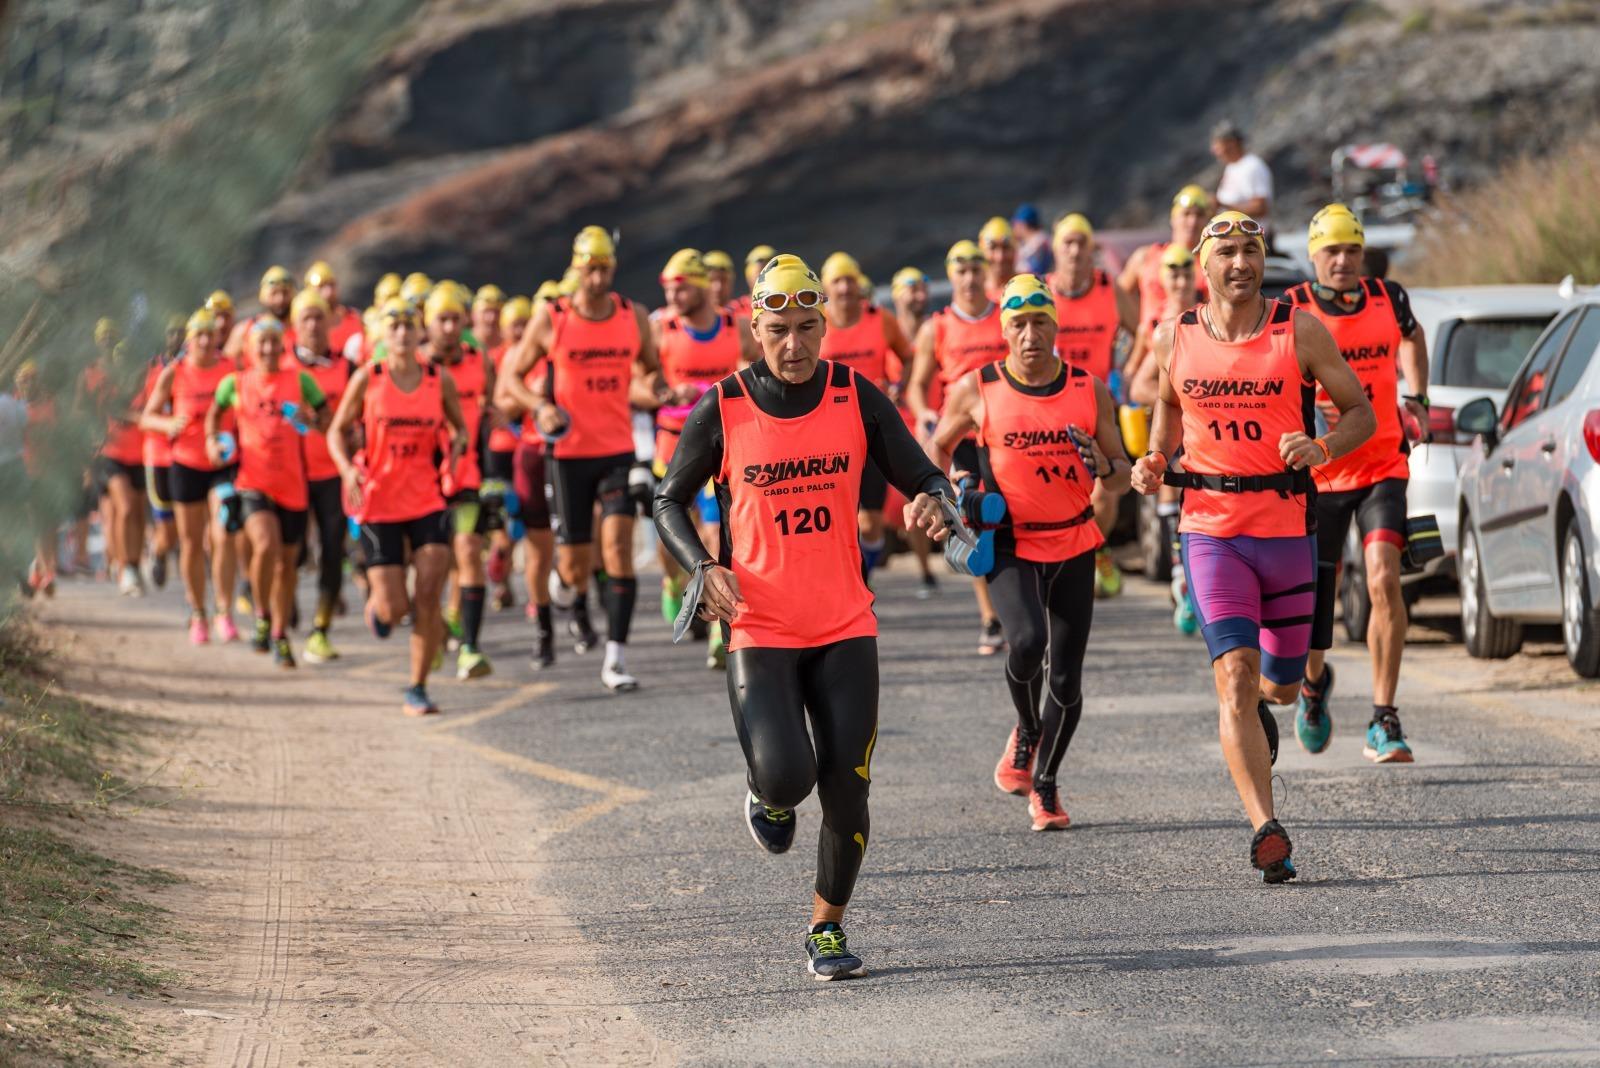 prueba deportiva en Cabo de Palos.